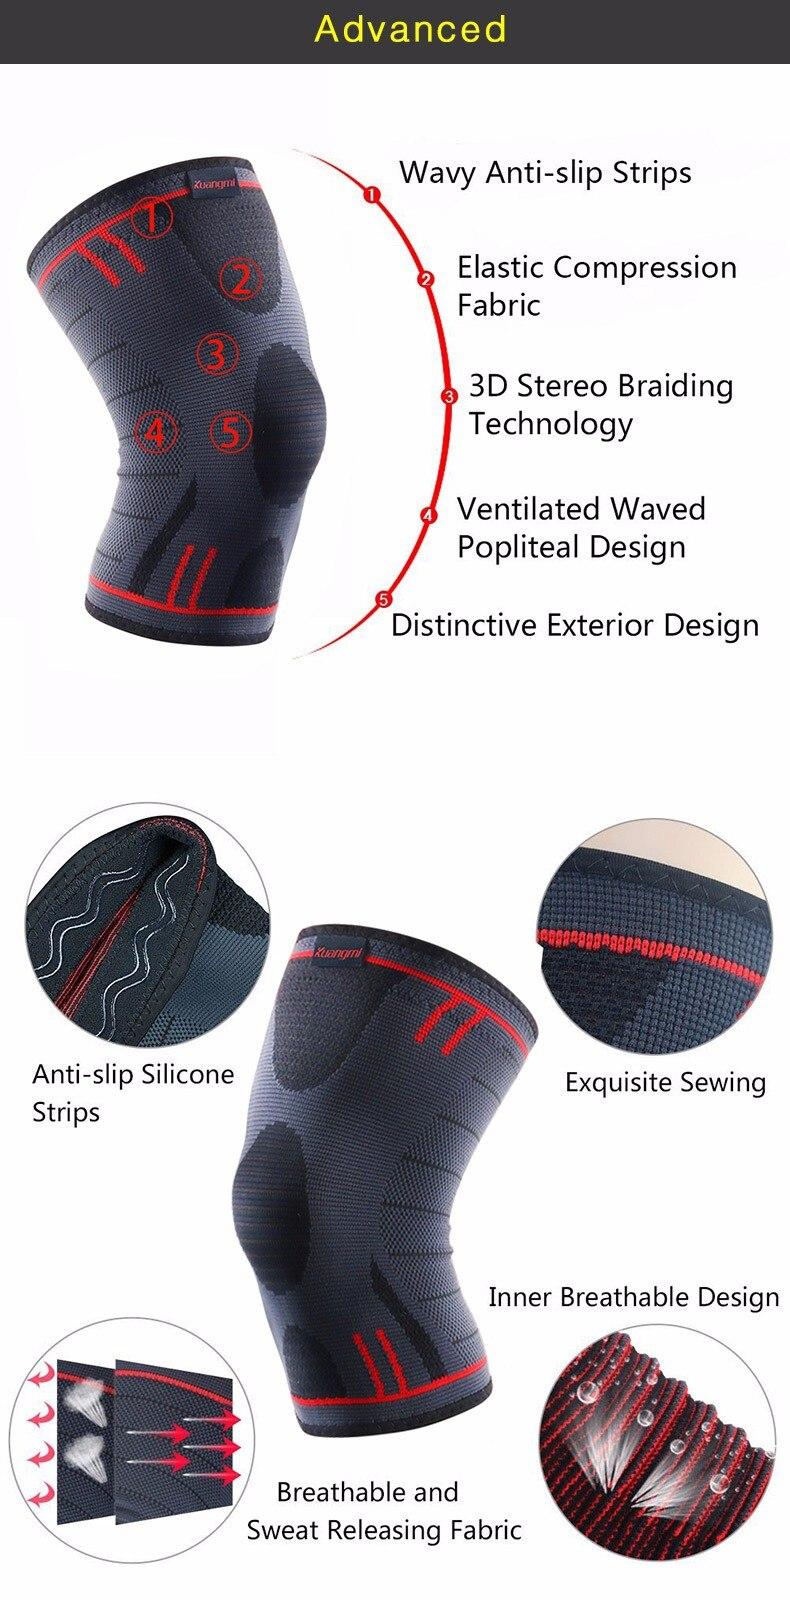 HTB1GloGOpXXXXcdXXXXq6xXFXXXe - Kuangmi 1 PC Compression Knee Sleeve Basketball Knee Pads Knee Support